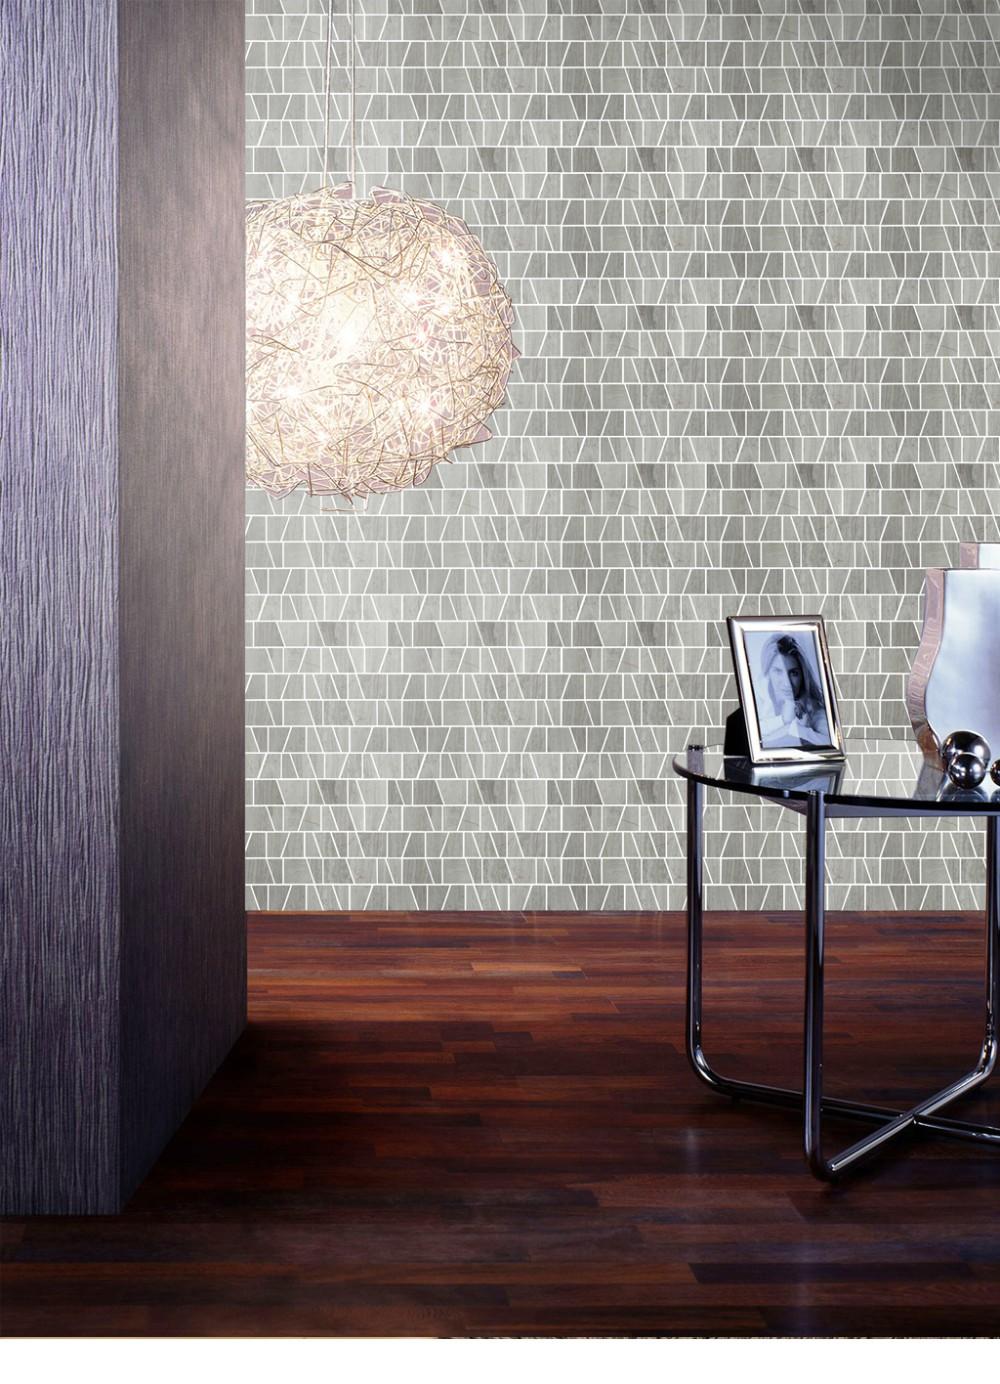 kbstone beige colorido mosaico de mrmol de piedra natural para paredes interiores